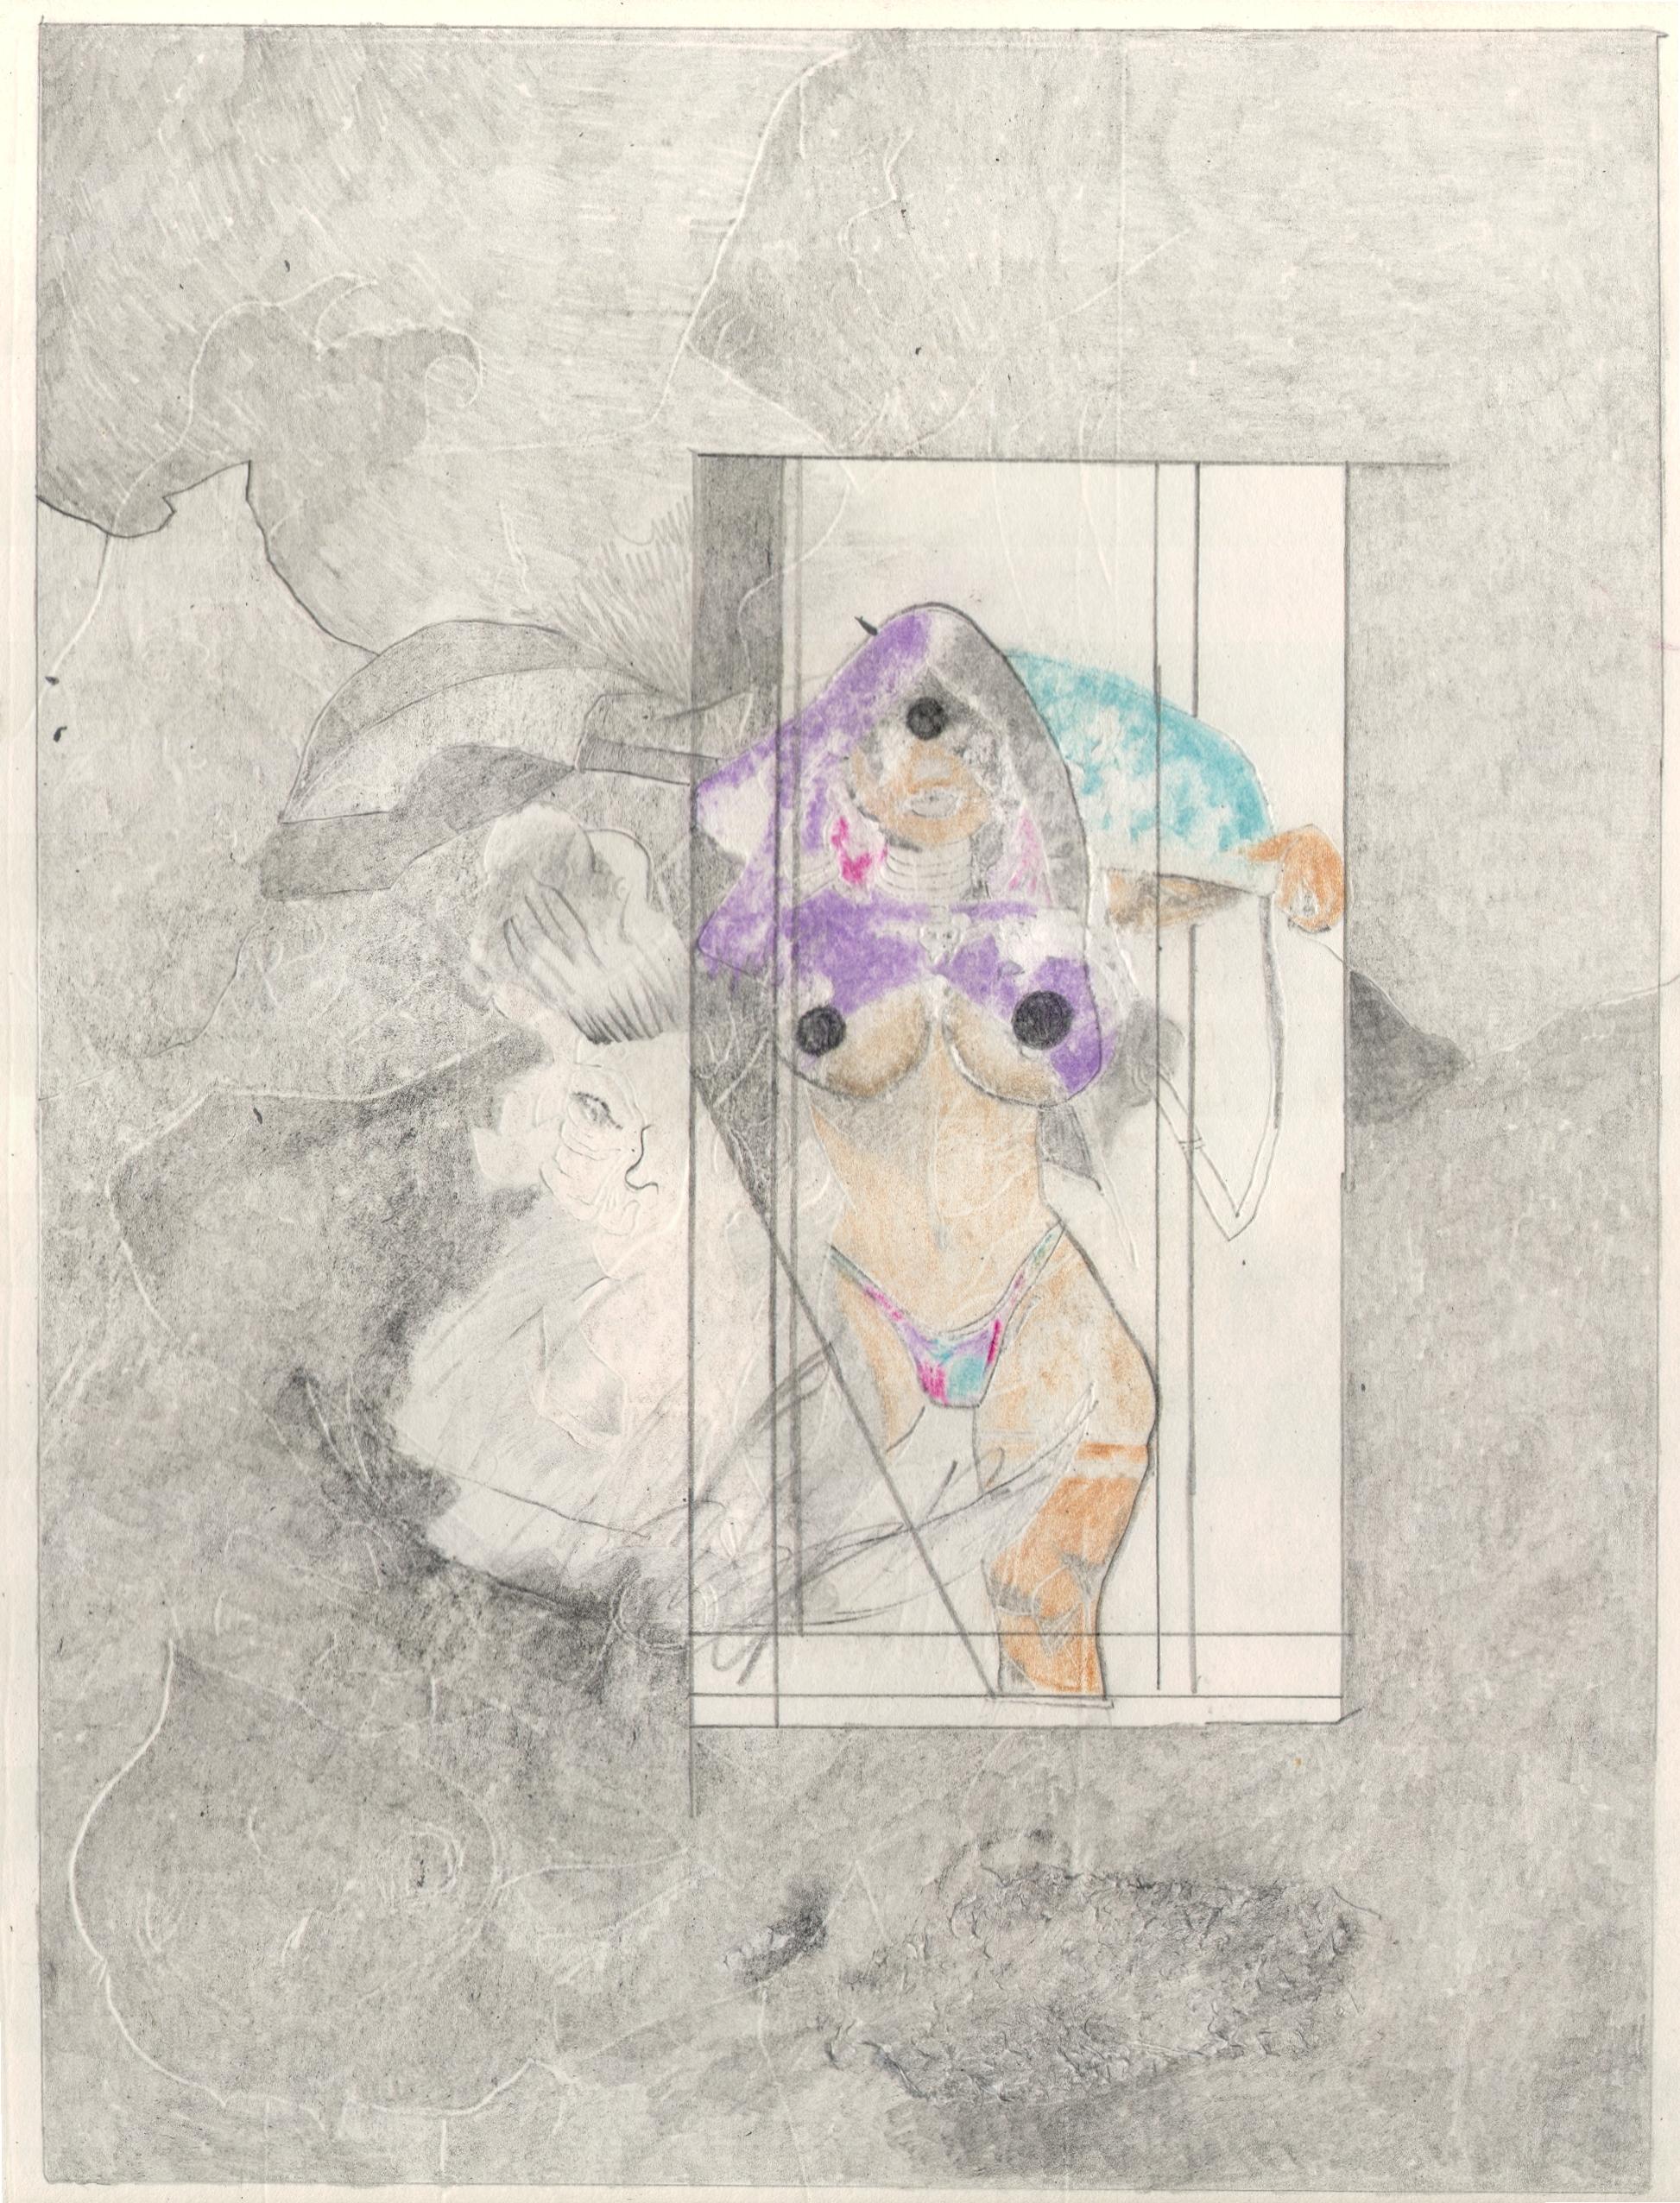 O.T. ( Serie Fantasy V ), 2018  Bleistift Buntstift auf Papier, 26x35.5cm